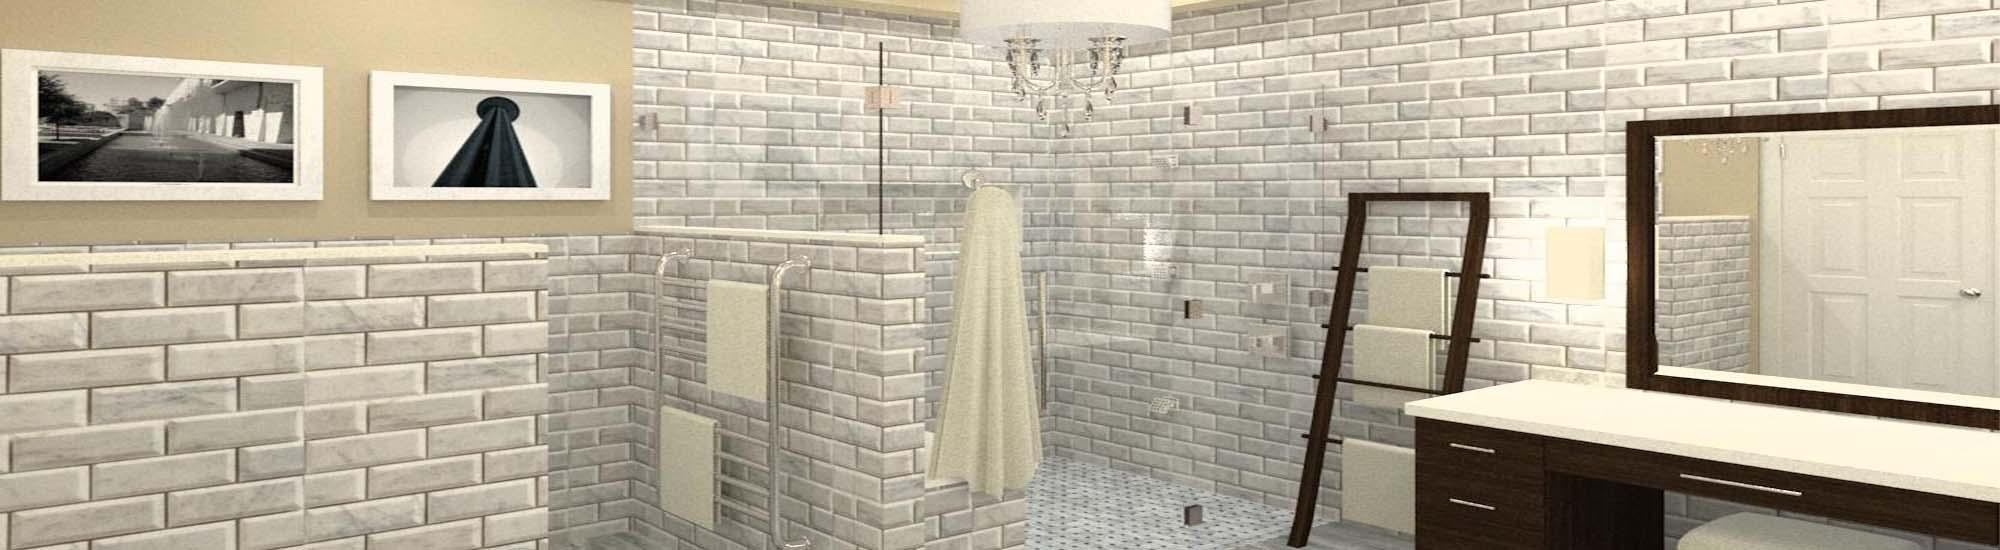 bathroom-cad-1-design-build-pros